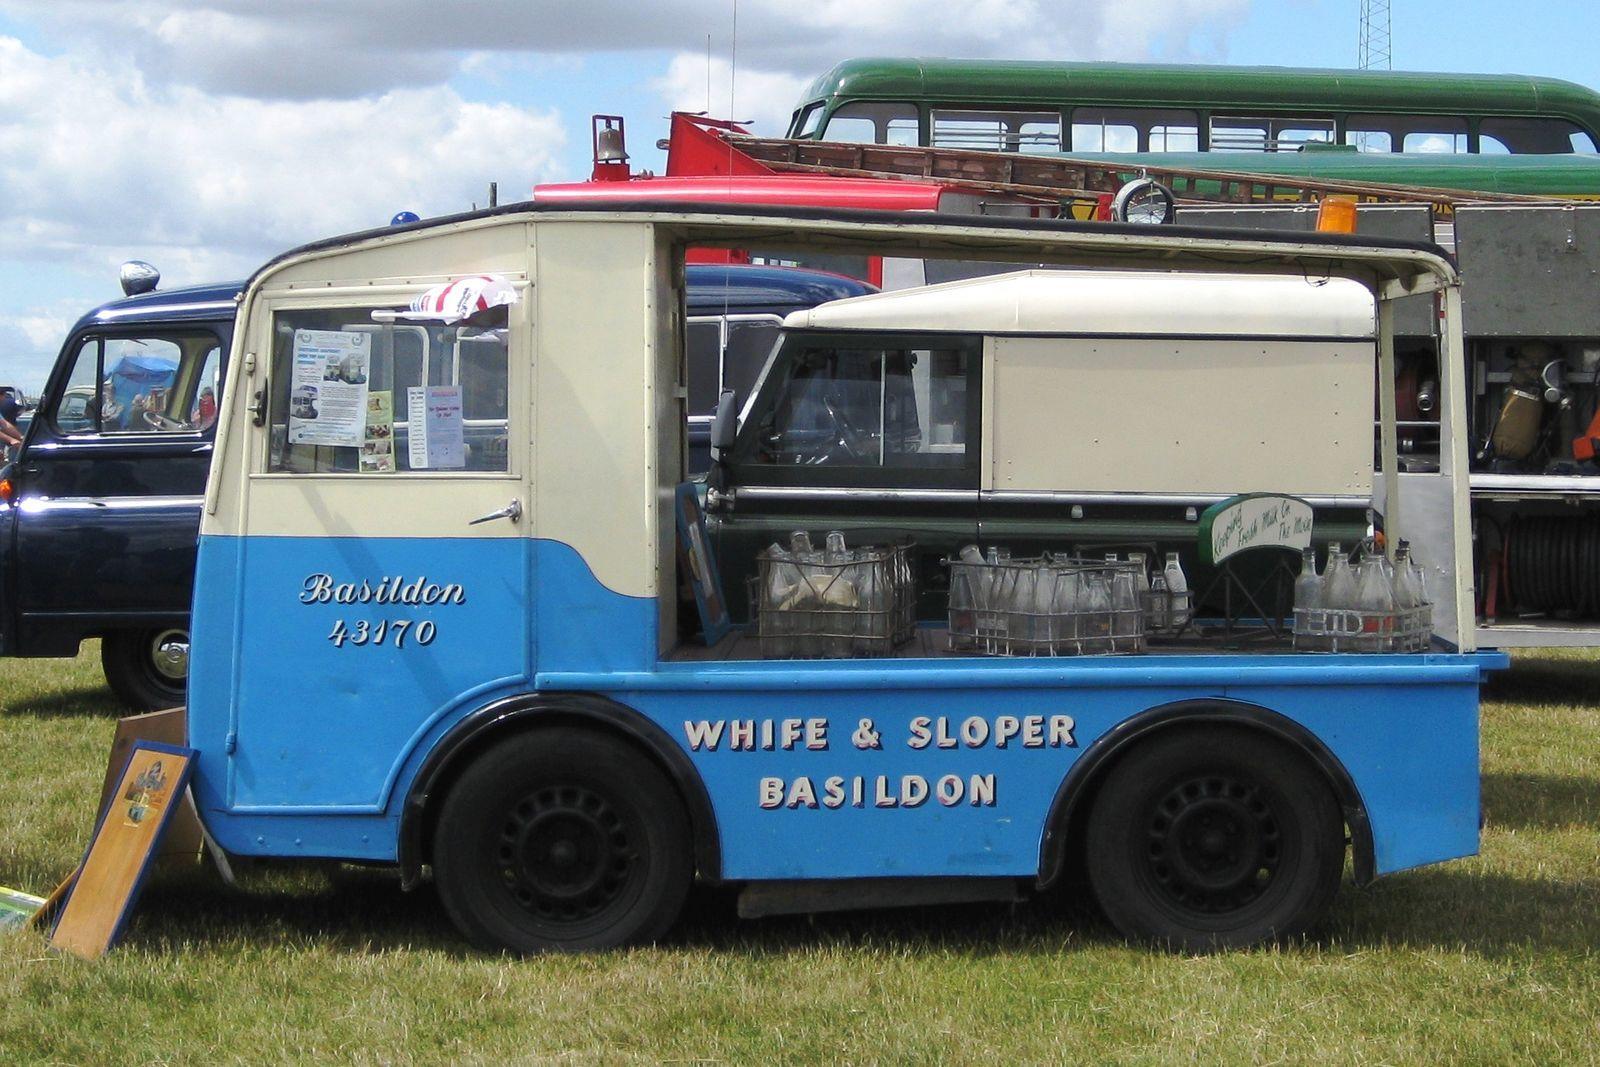 Angliában sok helyen máig ilyen nyitott kocsikkal szállítják házhoz a tejet.